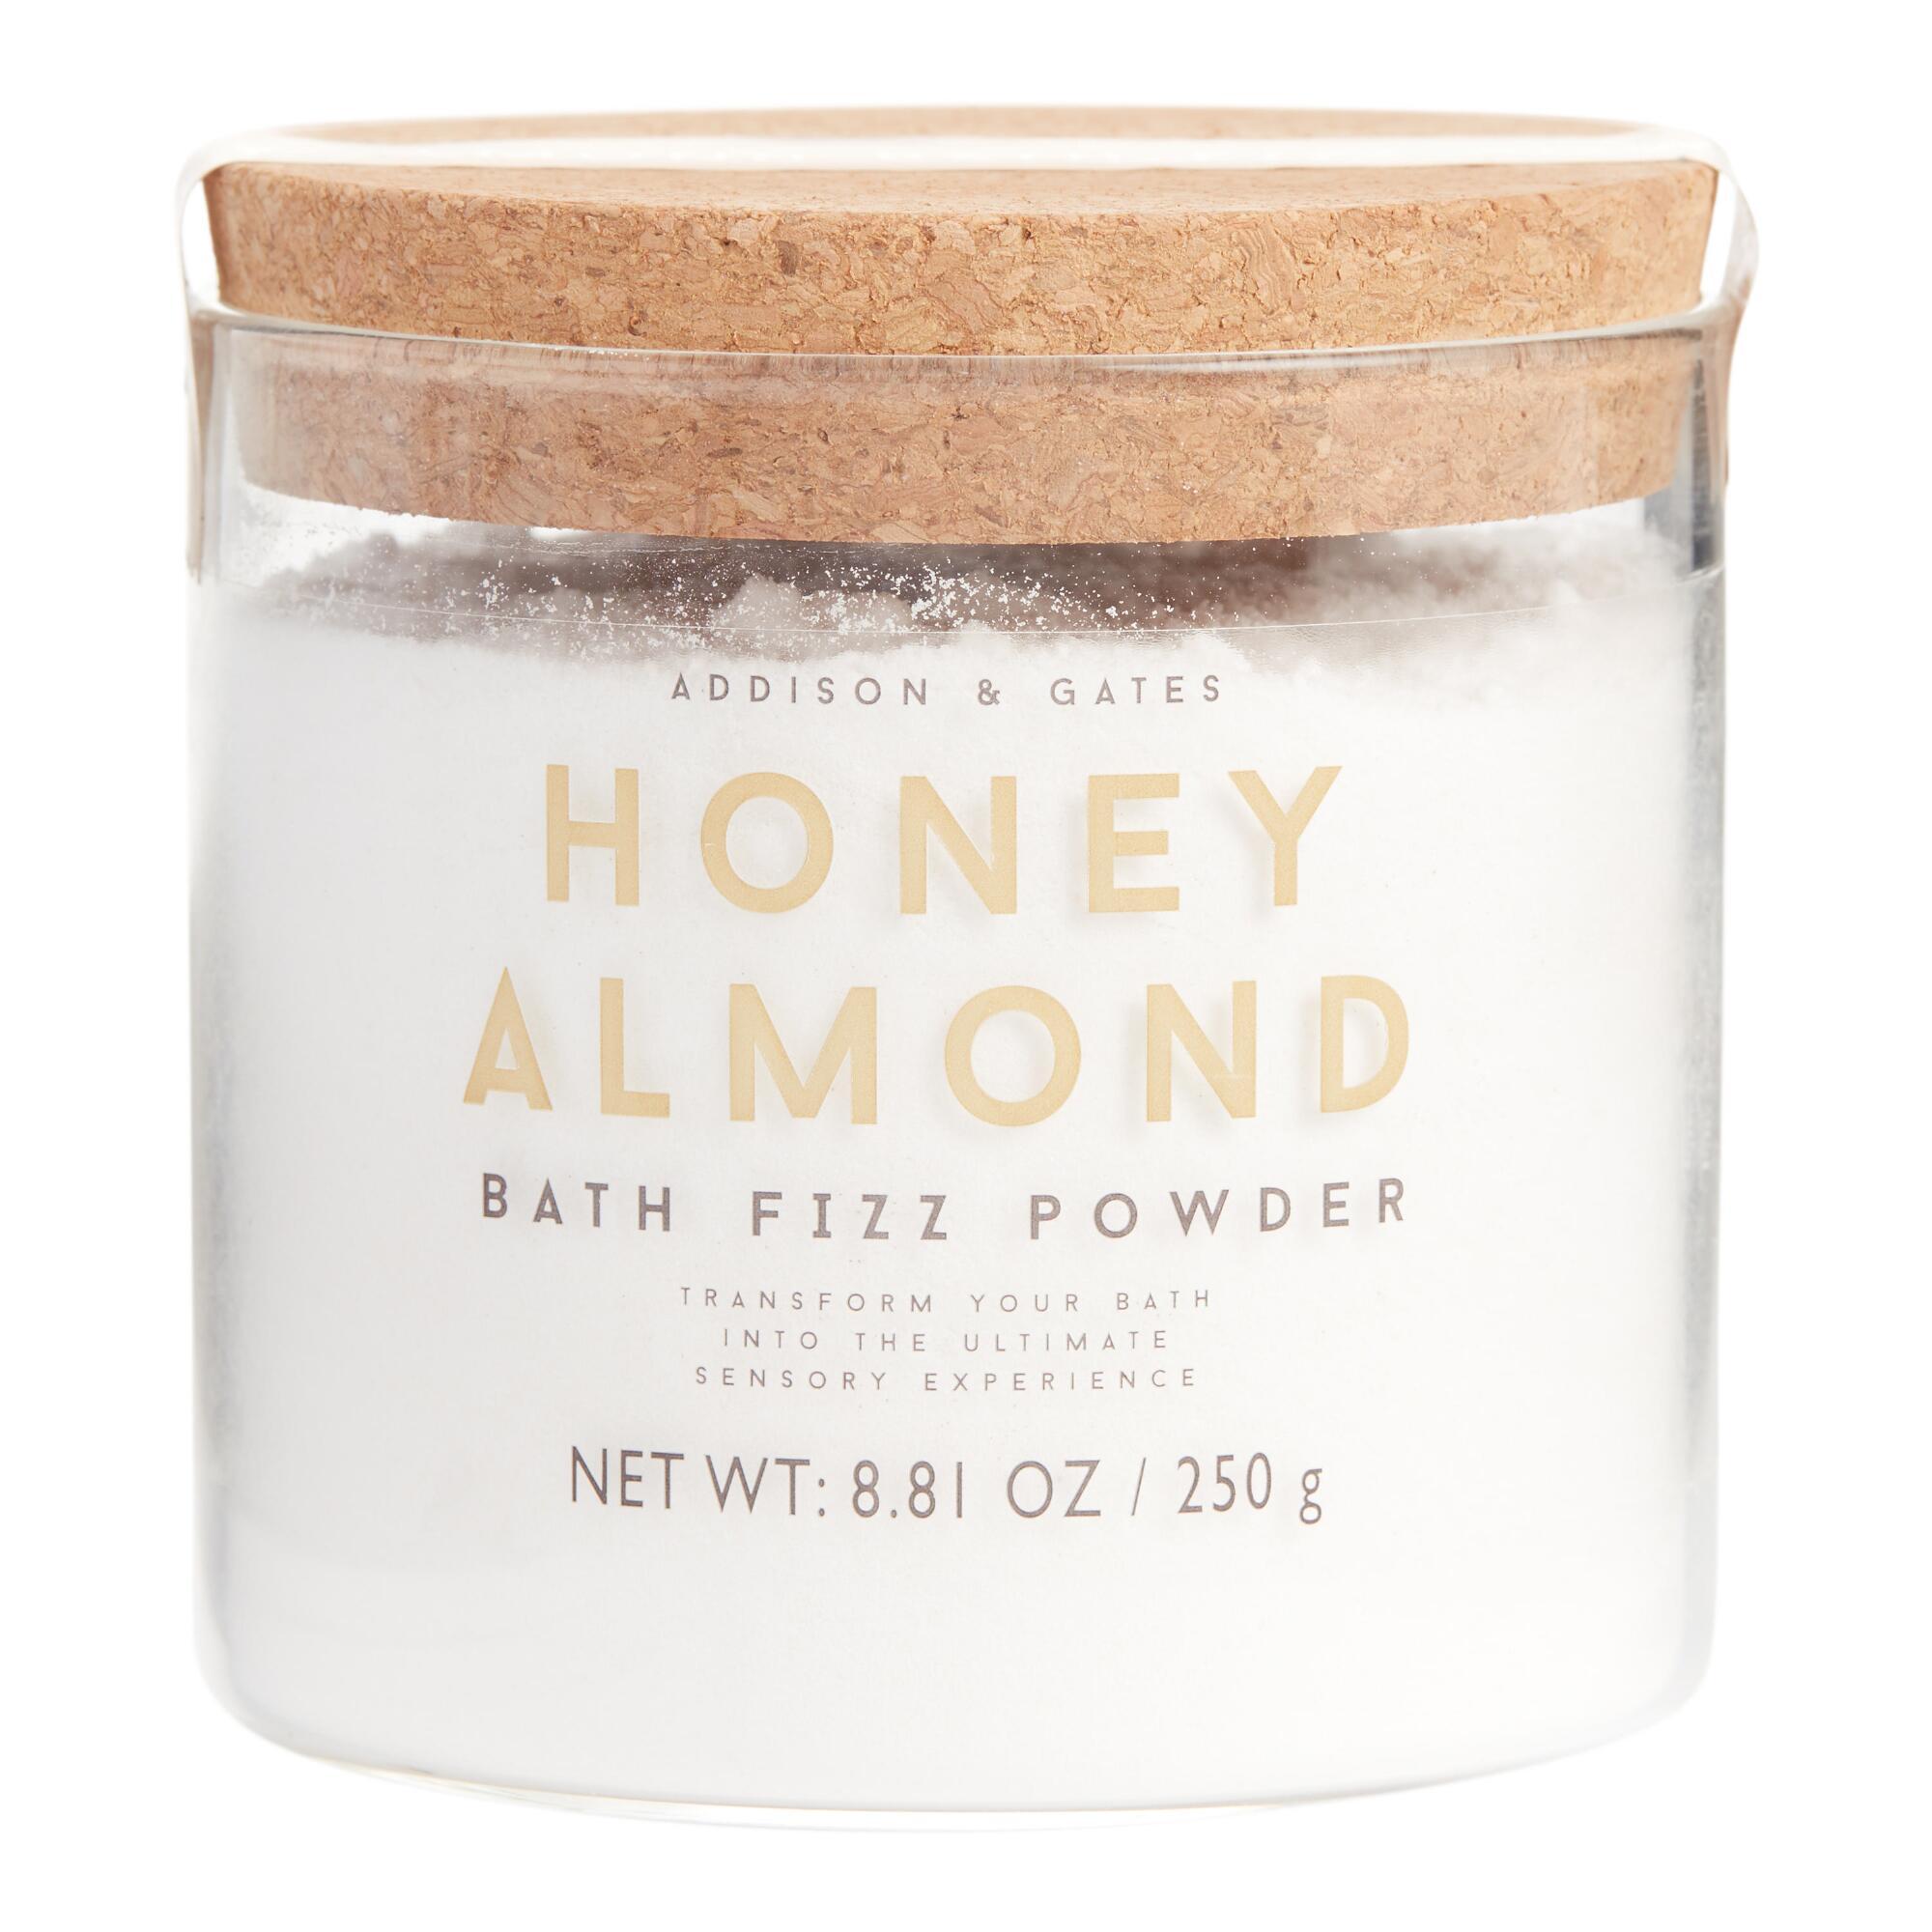 A&G Bath Fizz Powder $9.99